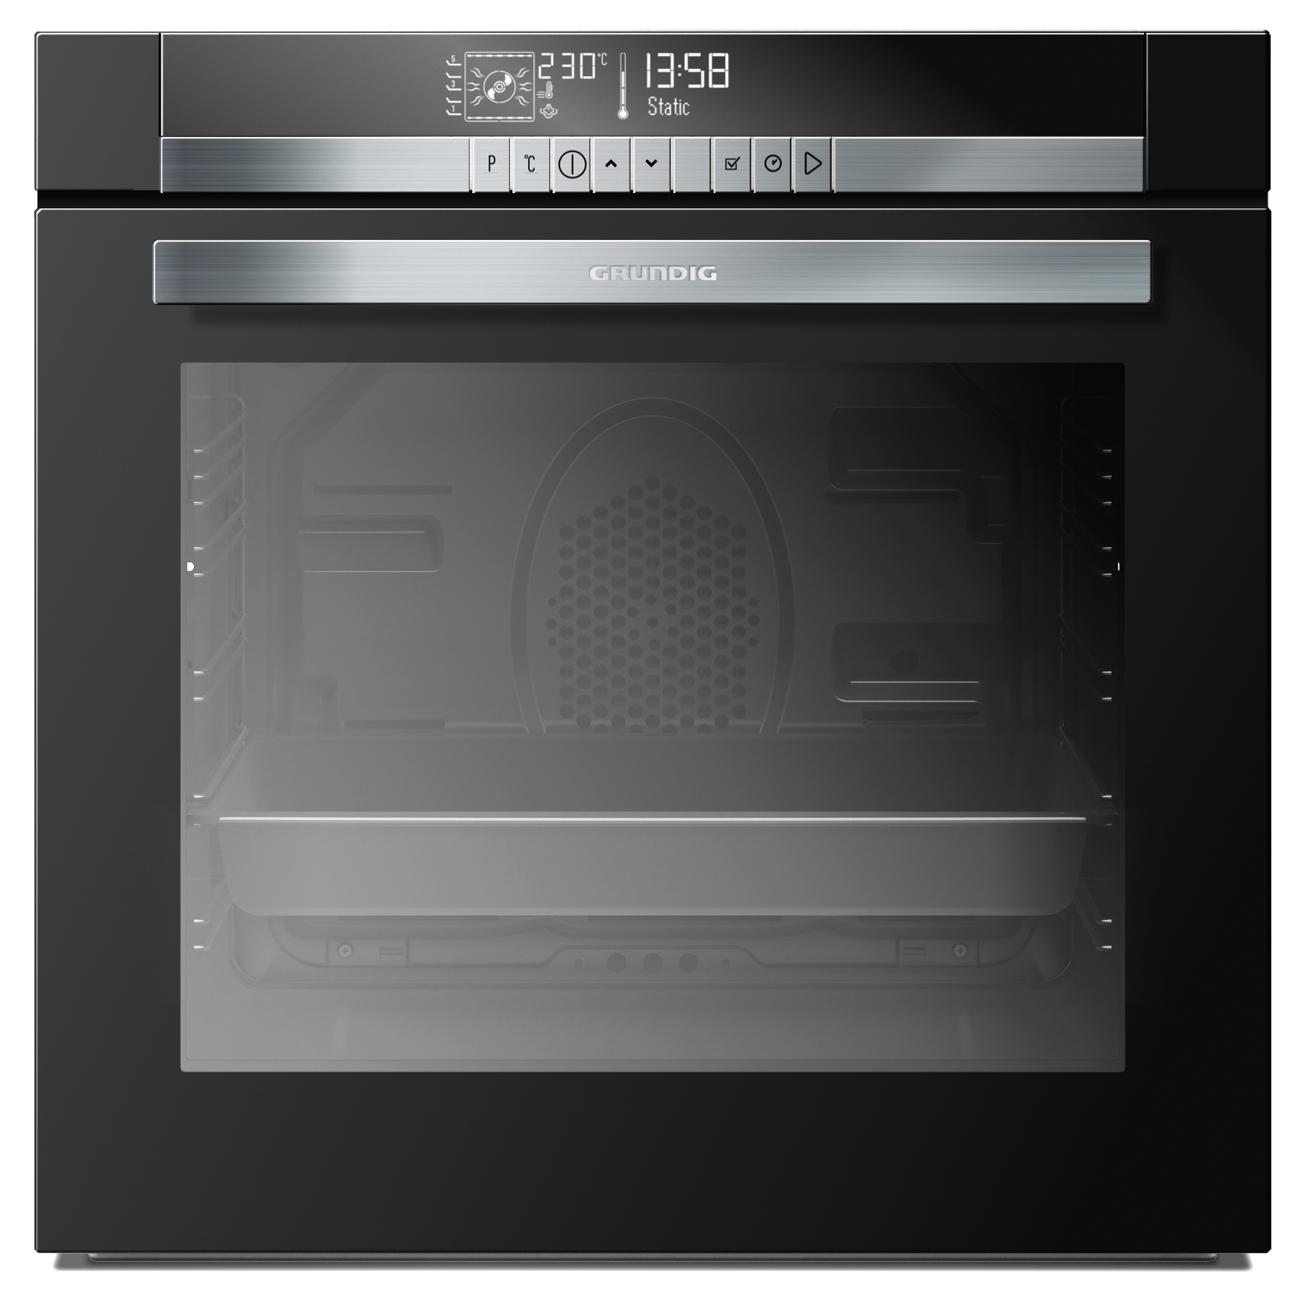 Grundig_Multi-Taste-Oven_GEZDS_47000_B.jpg